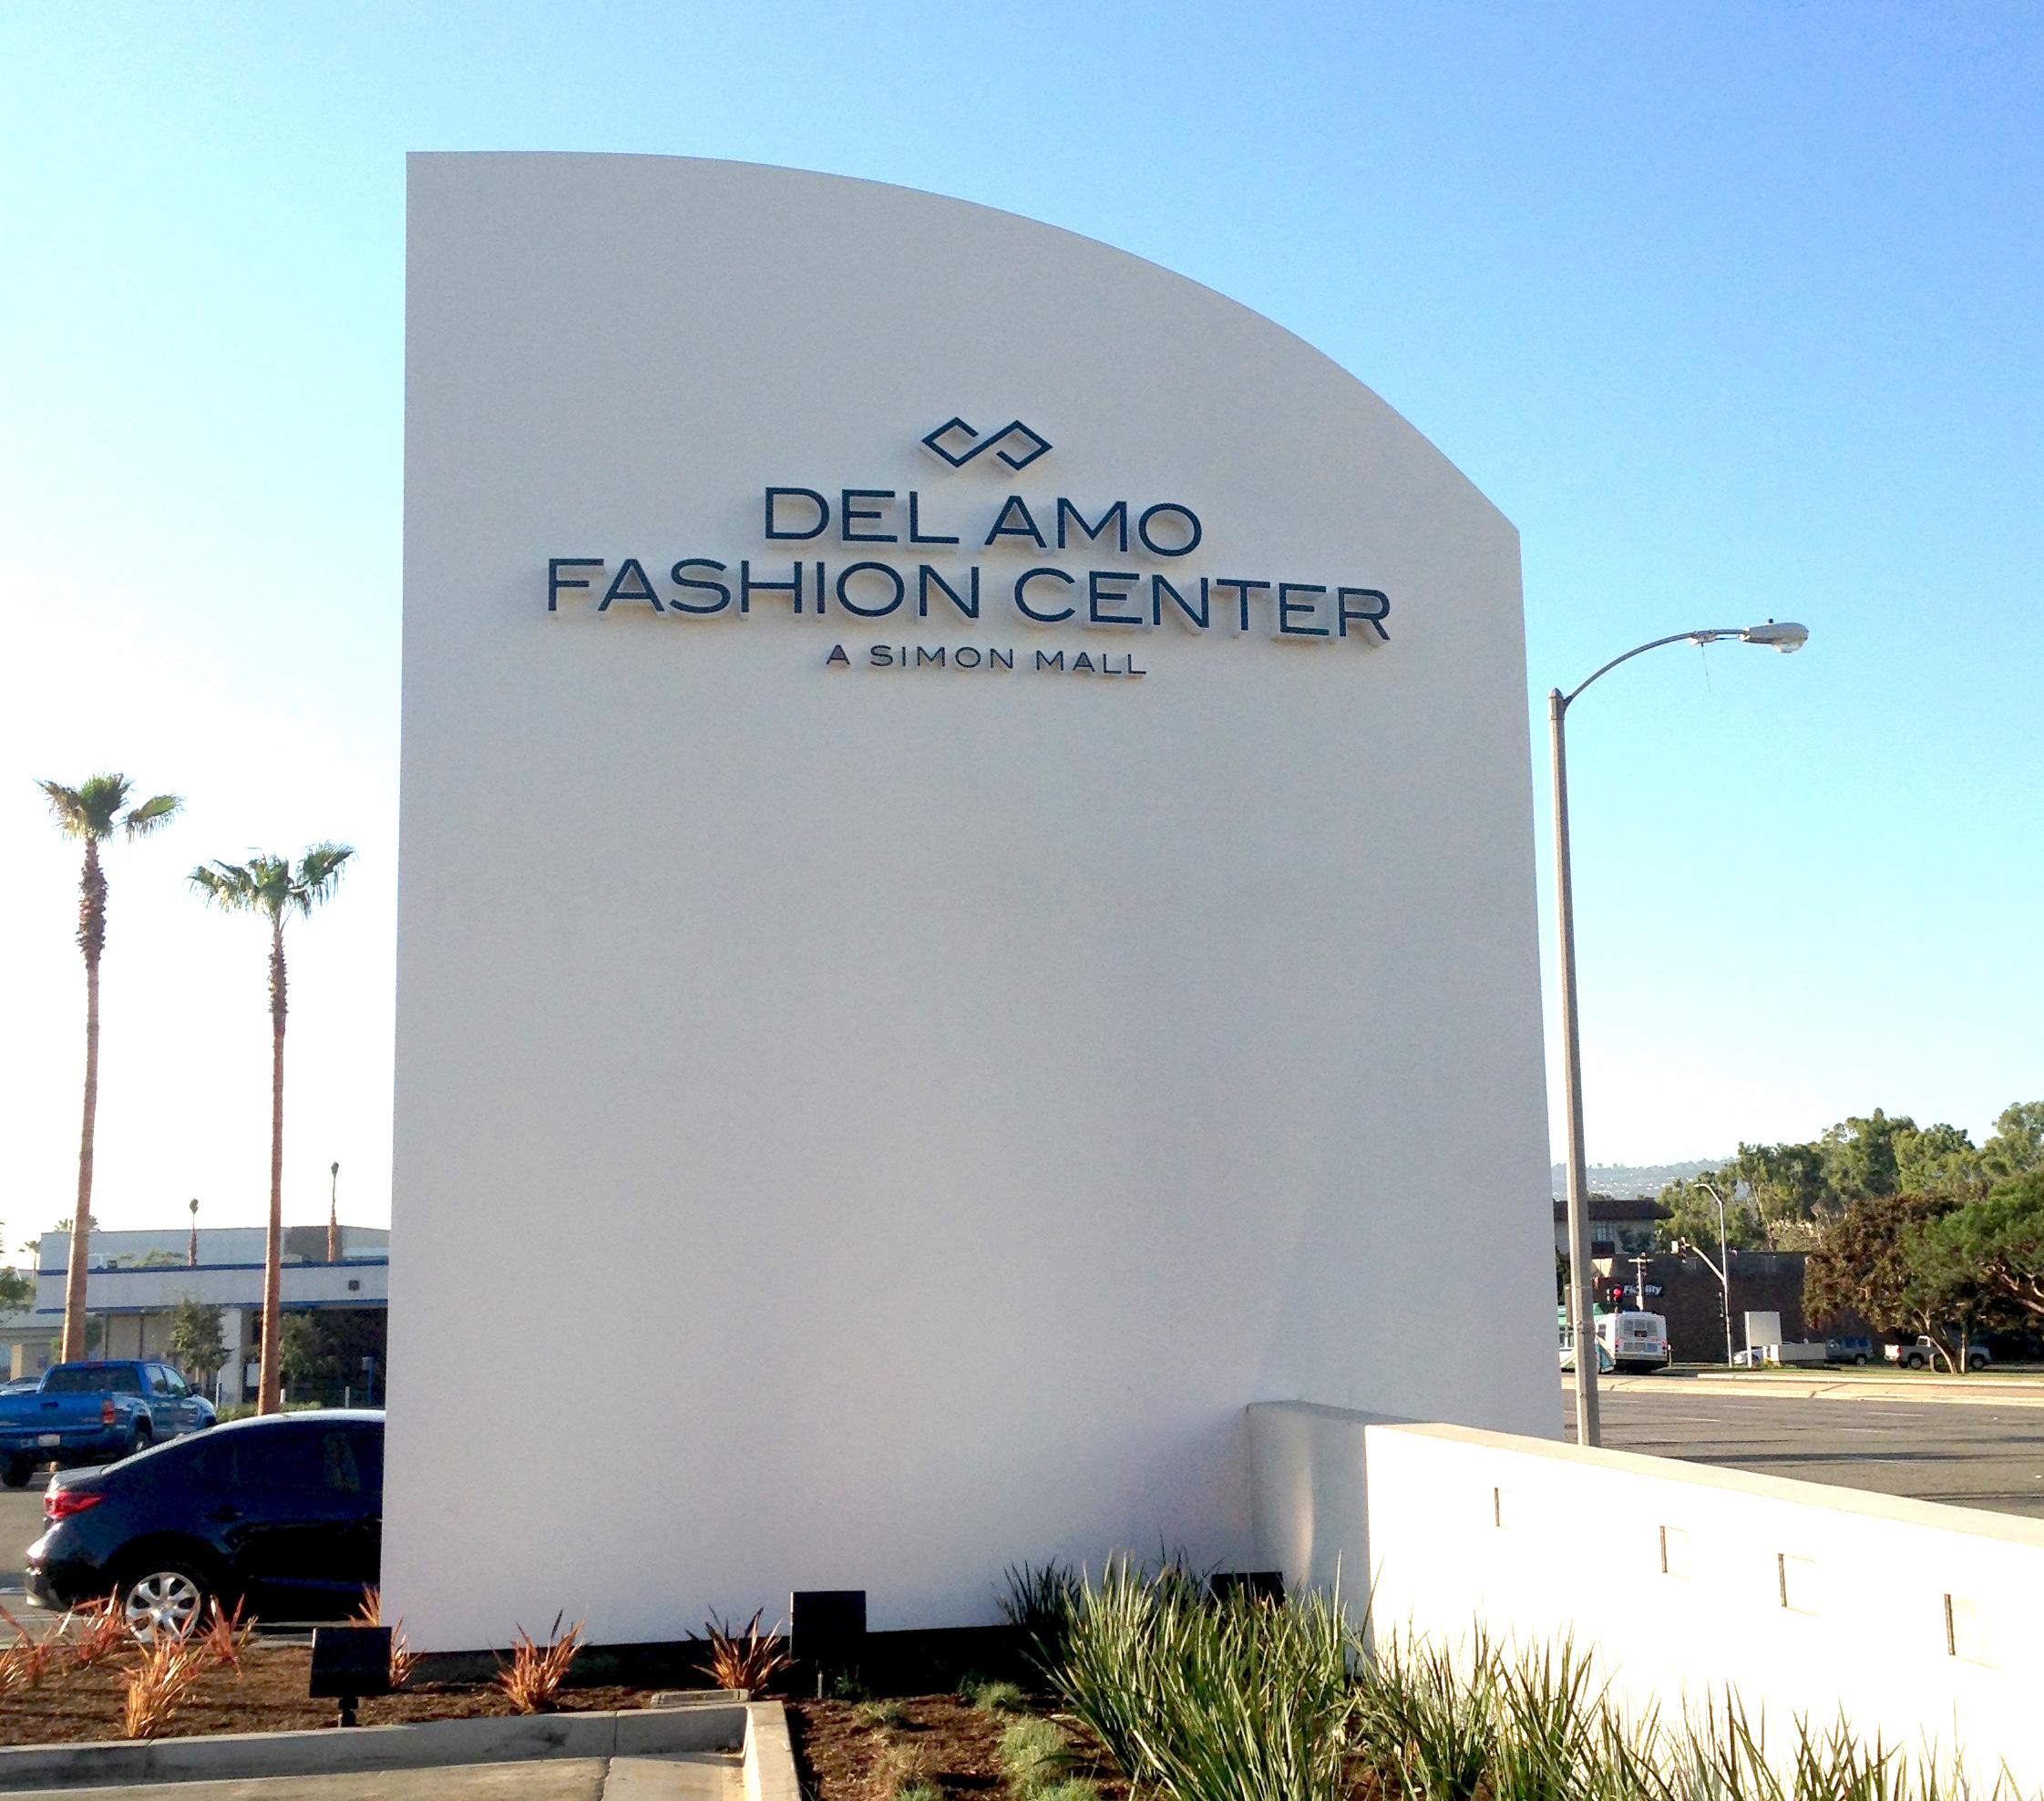 Del Amo Fashion Center Movie Theater Food Court